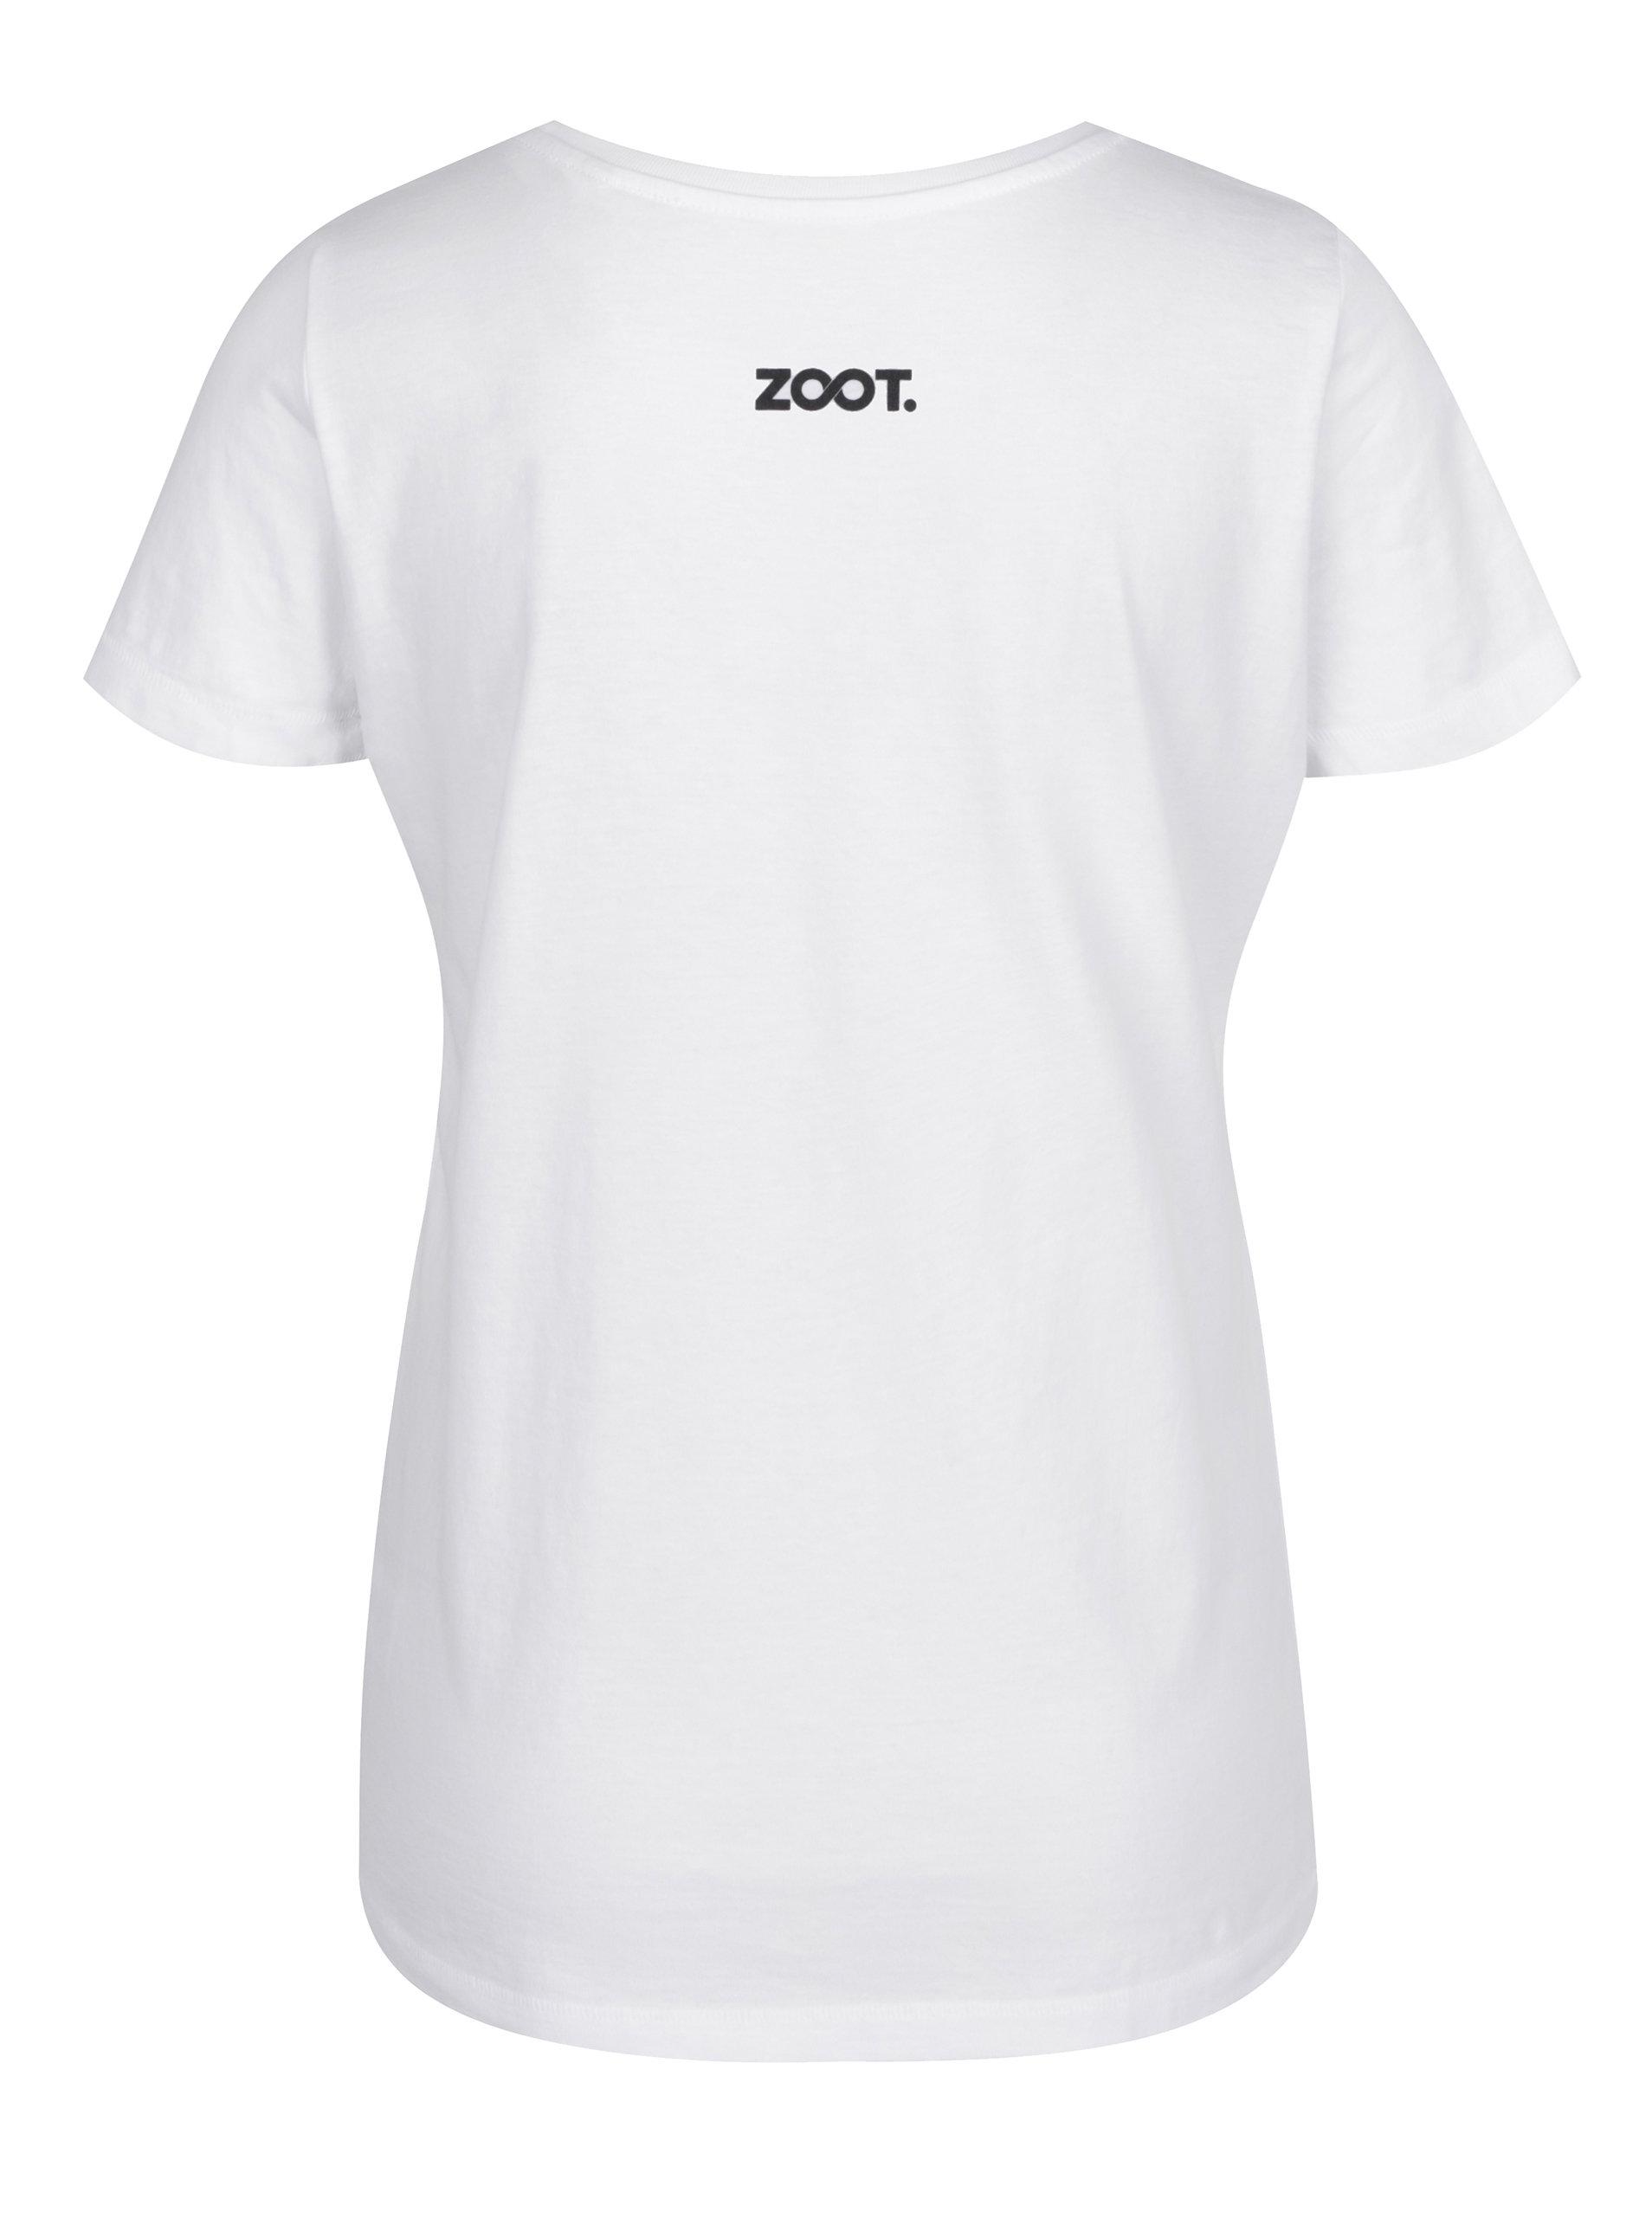 Bílé dámské tričko s potiskem ZOOT Original Zamilovaní sobi ... 87109ee268